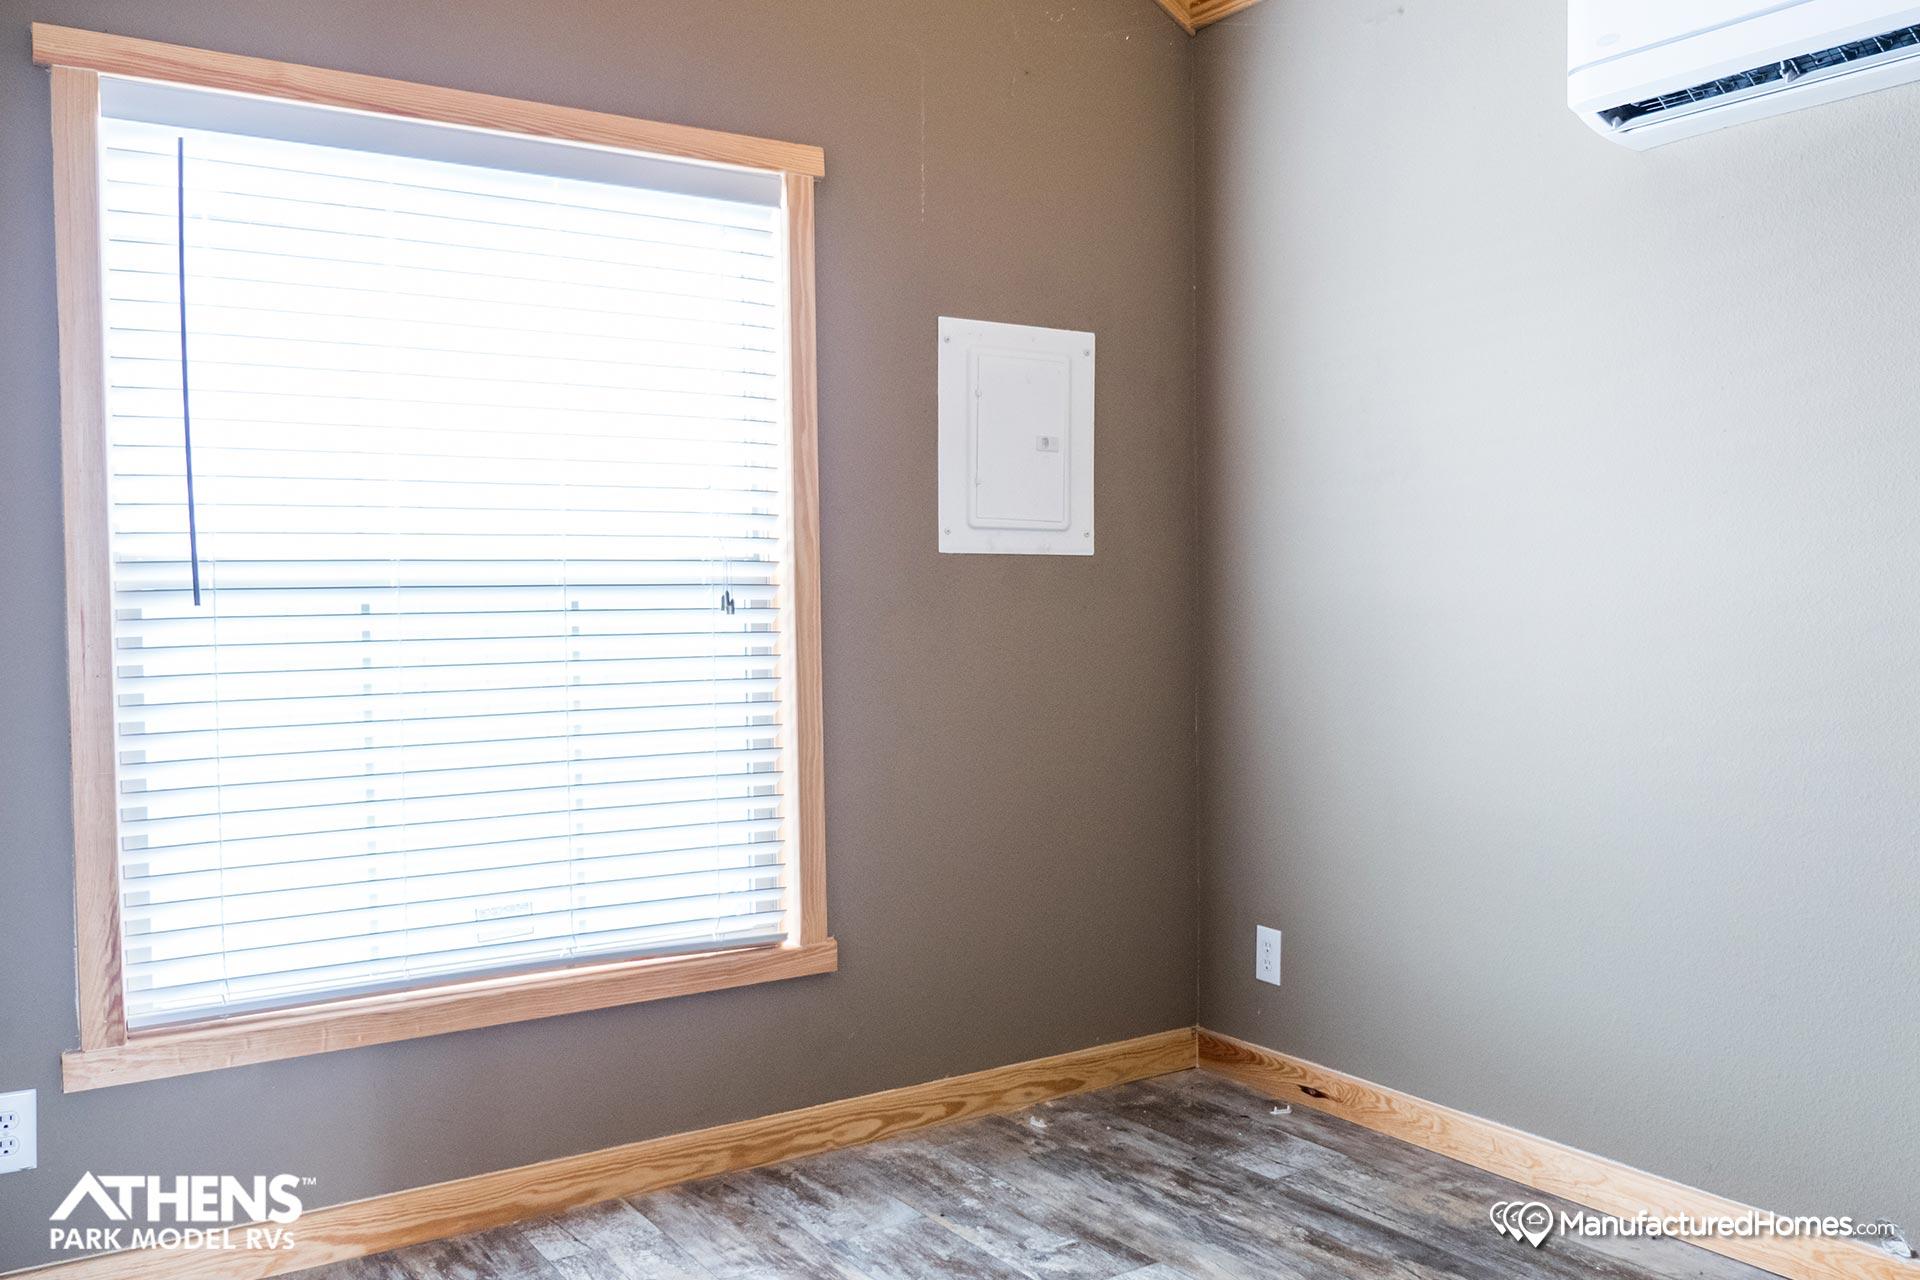 Park Model RV / 529 - Bedroom